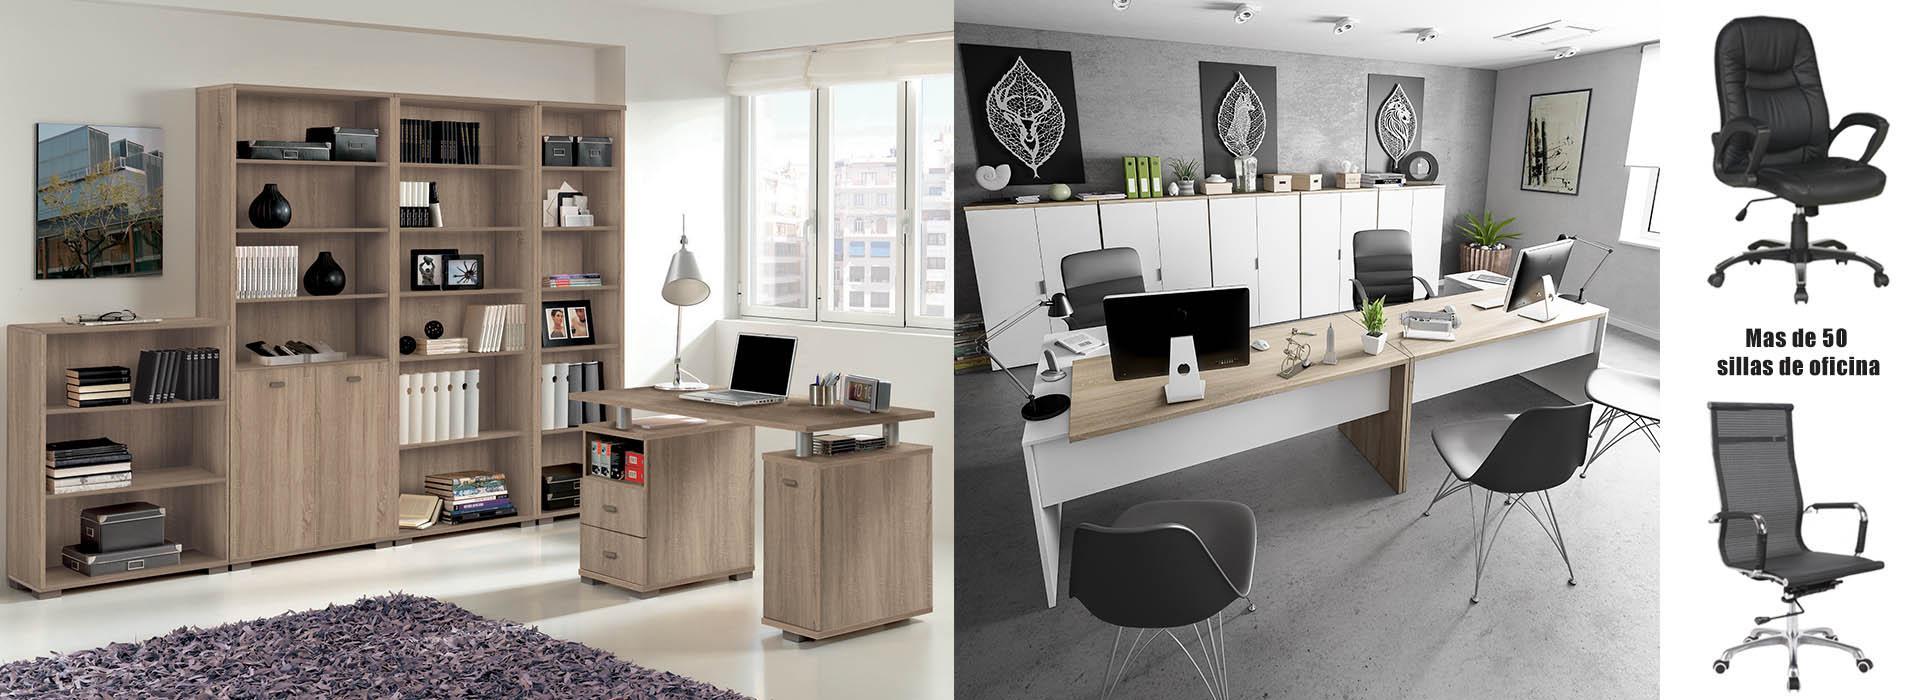 Despachos modernos